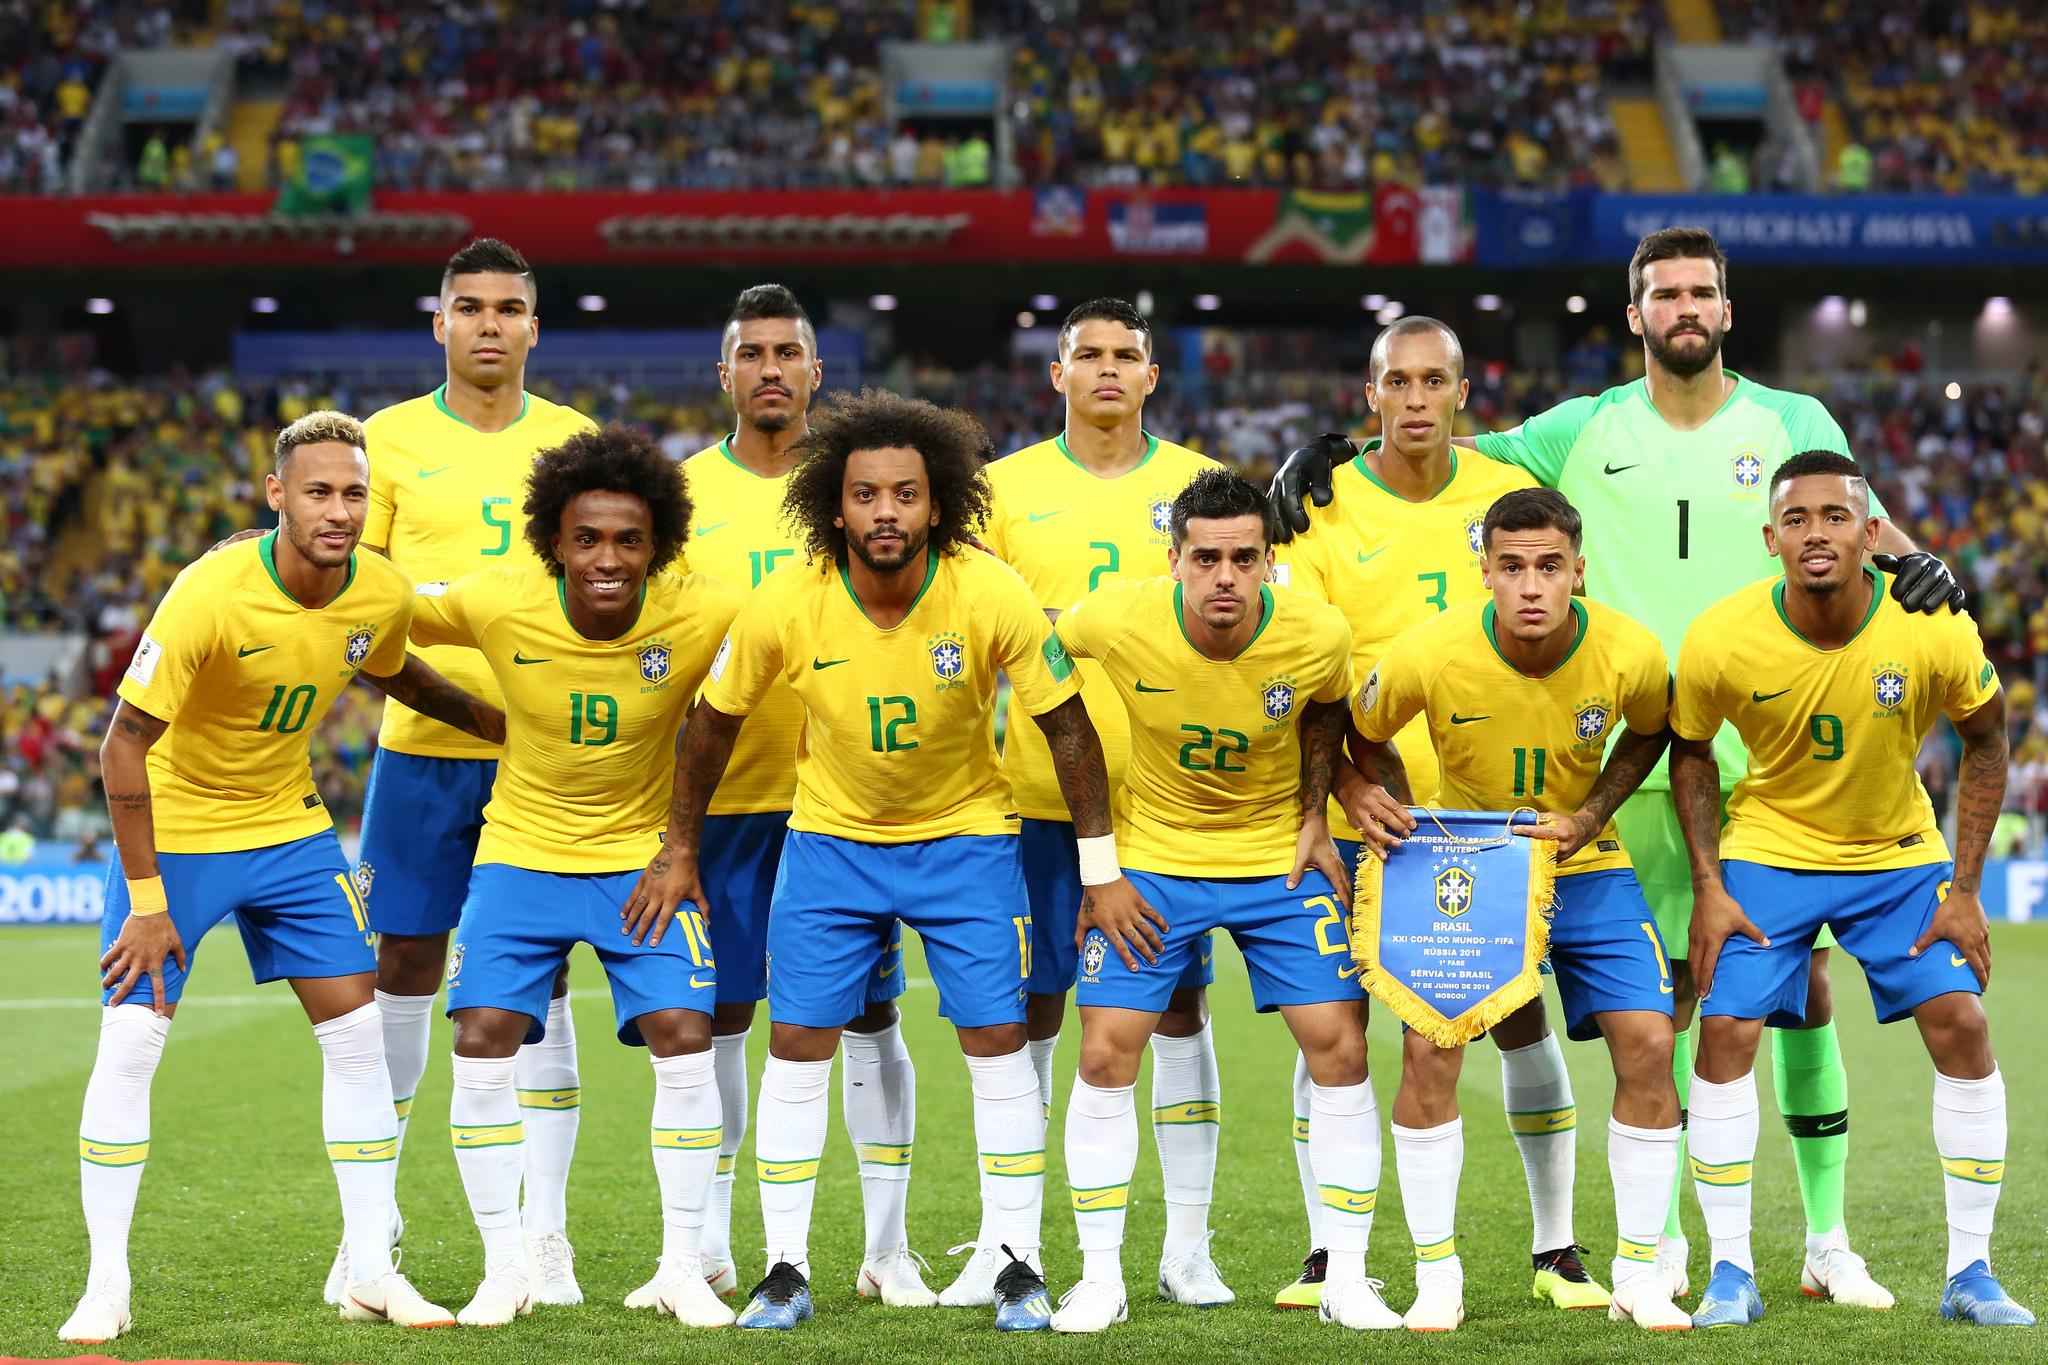 Brasil vence Sérvia sem sustos e vai às oitavas de final  reveja os ... dc0f8b290dad4